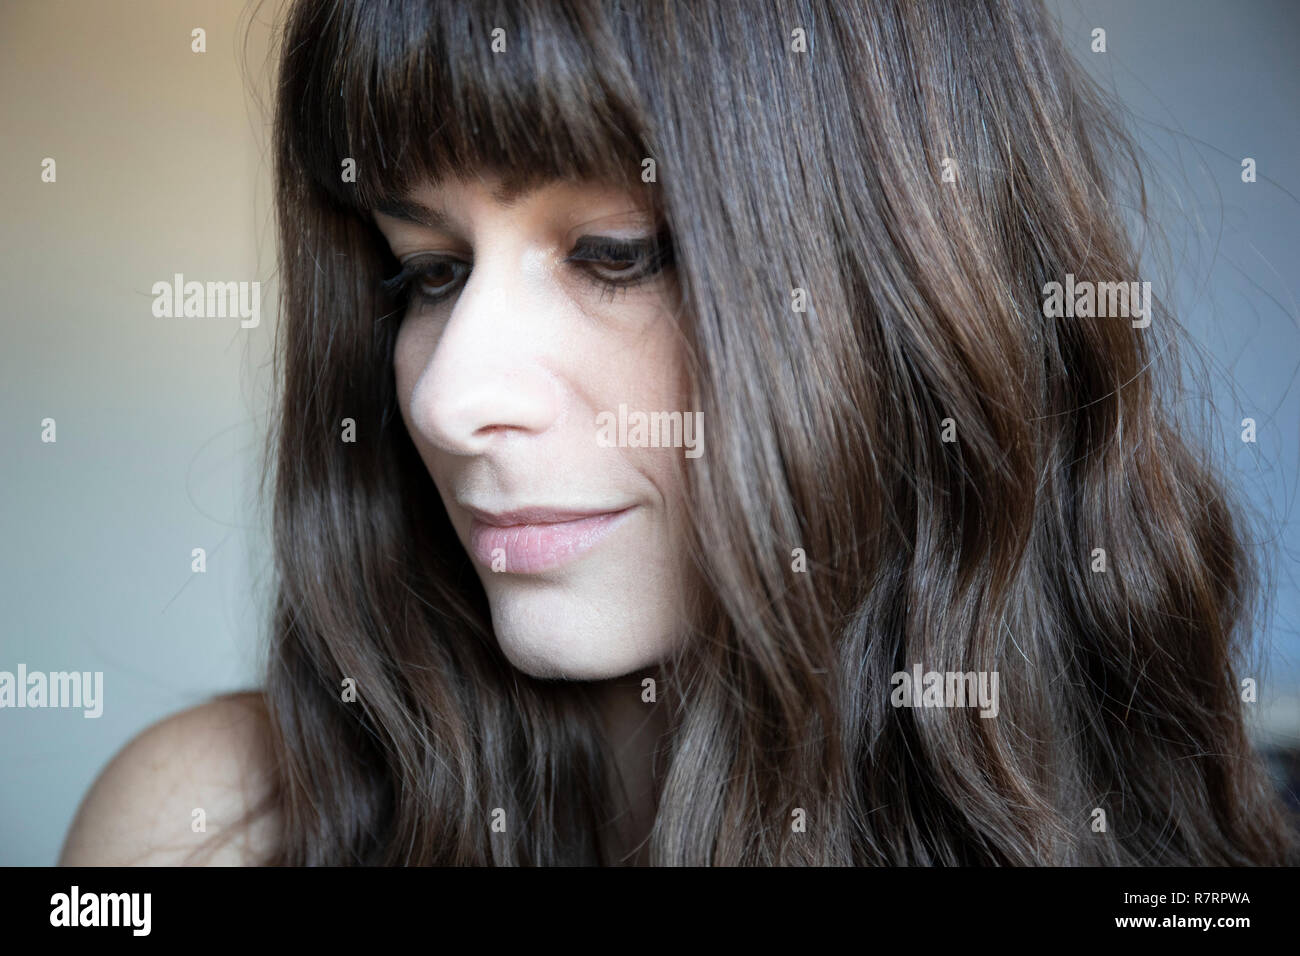 Giovane donna close-up tre quarti ritratto. Caucasian marrone con capelli lunghi e bangs. Espressione sorridente, guardando verso il basso. Immagini Stock